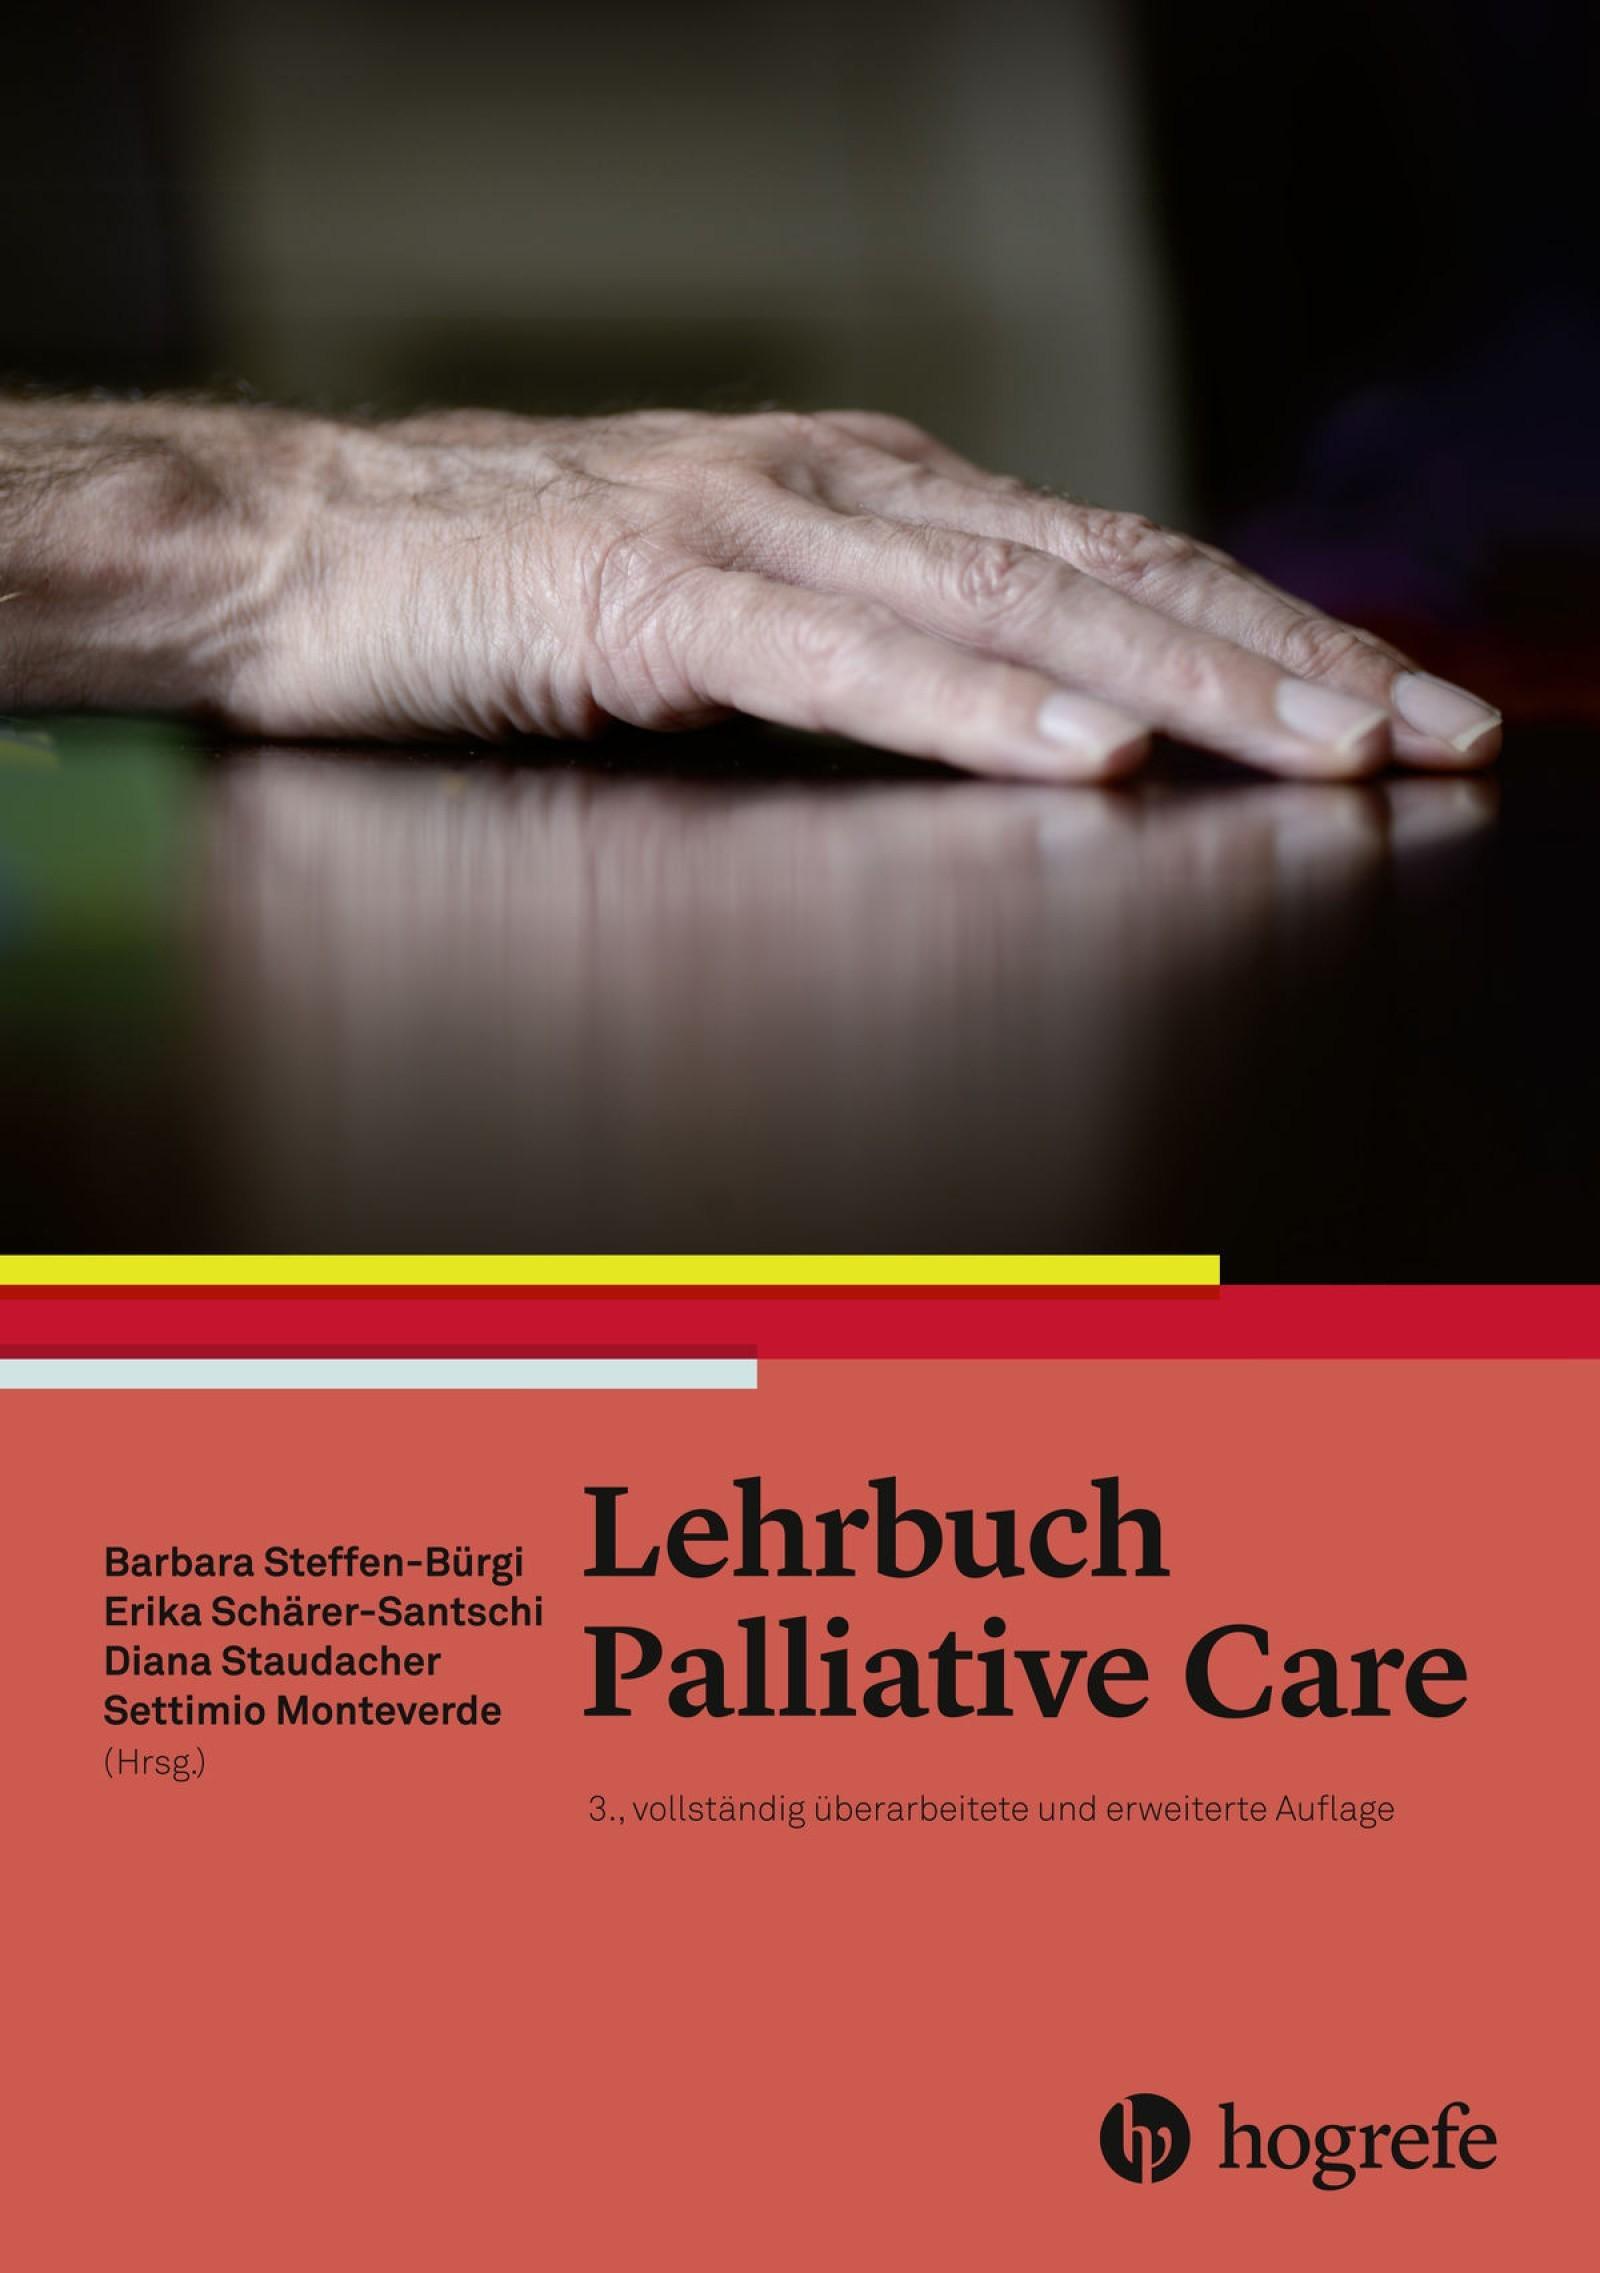 Lehrbuch Palliative Care | Knipping / Schärer-Santschi / Steffen-Bürgi / Staudacher / Monteverde | 3., überarbeitete und erweiterte Auflage, 2017 | Buch (Cover)